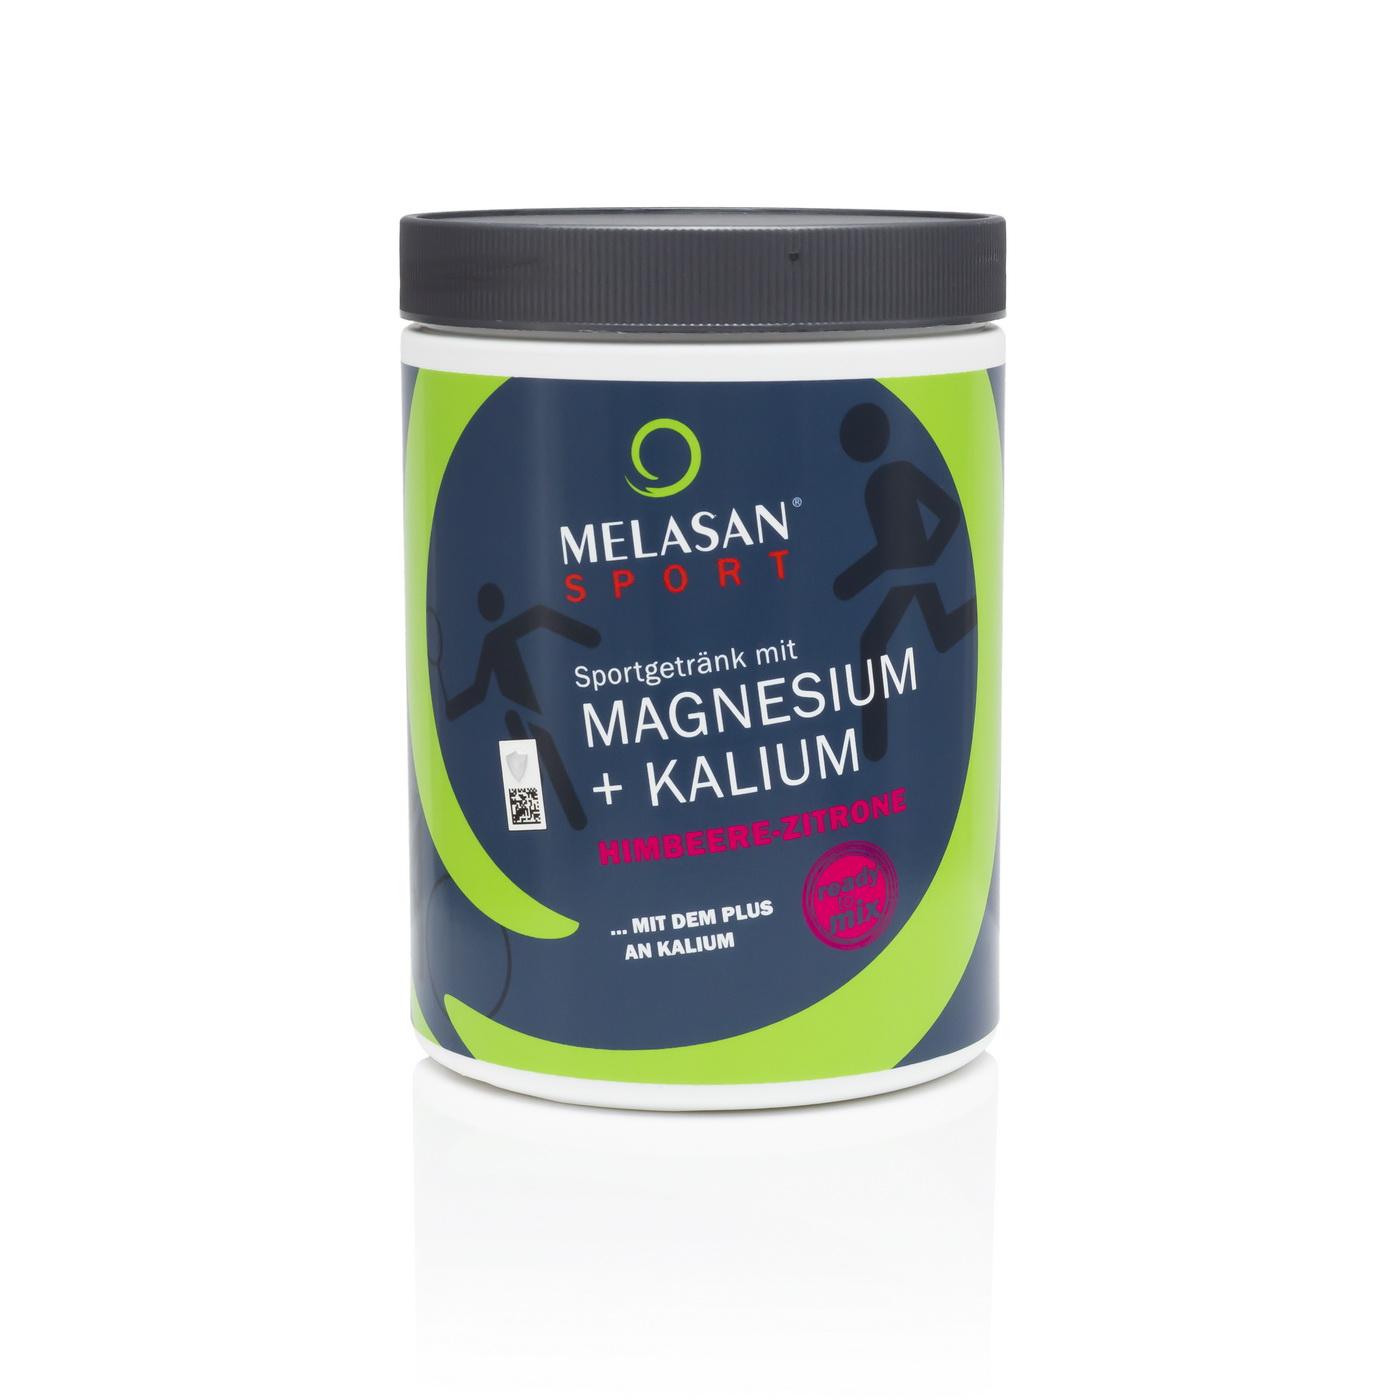 Melasan Sportgetränk Magnesium-Kalium HIMBEER-ZITRONE